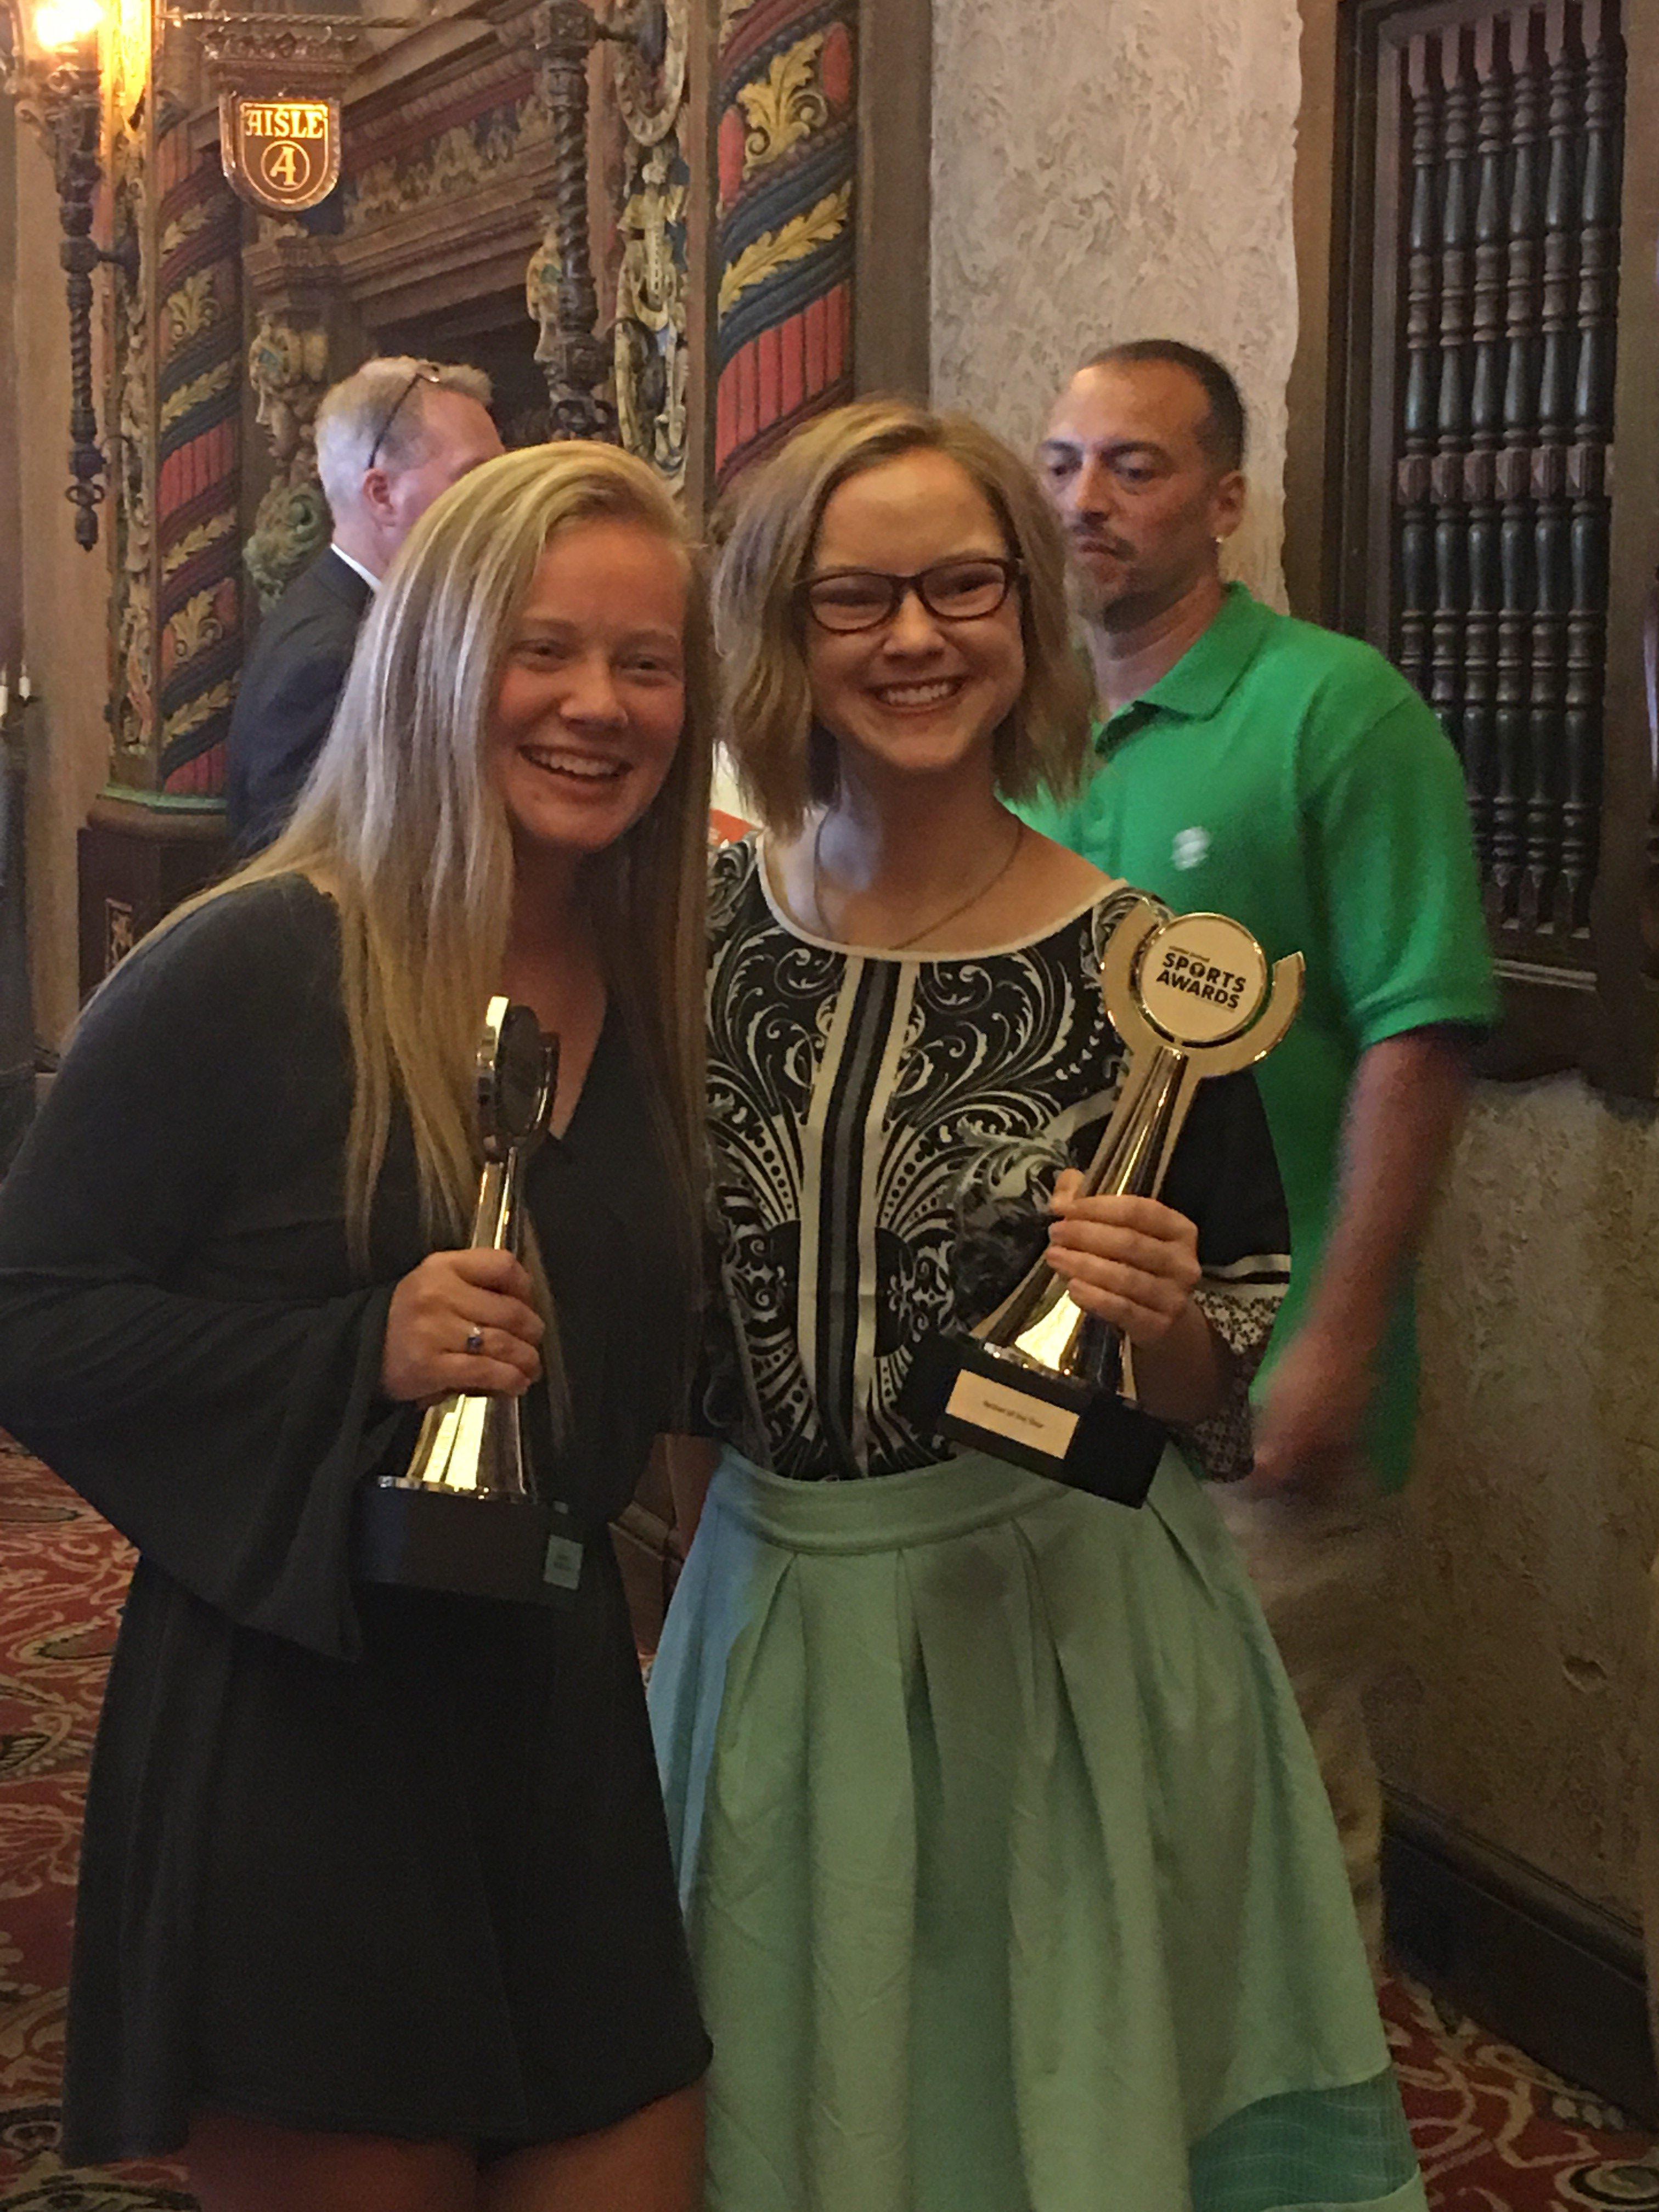 Gerber, Kleinman winner's of Courier-Journal Awards